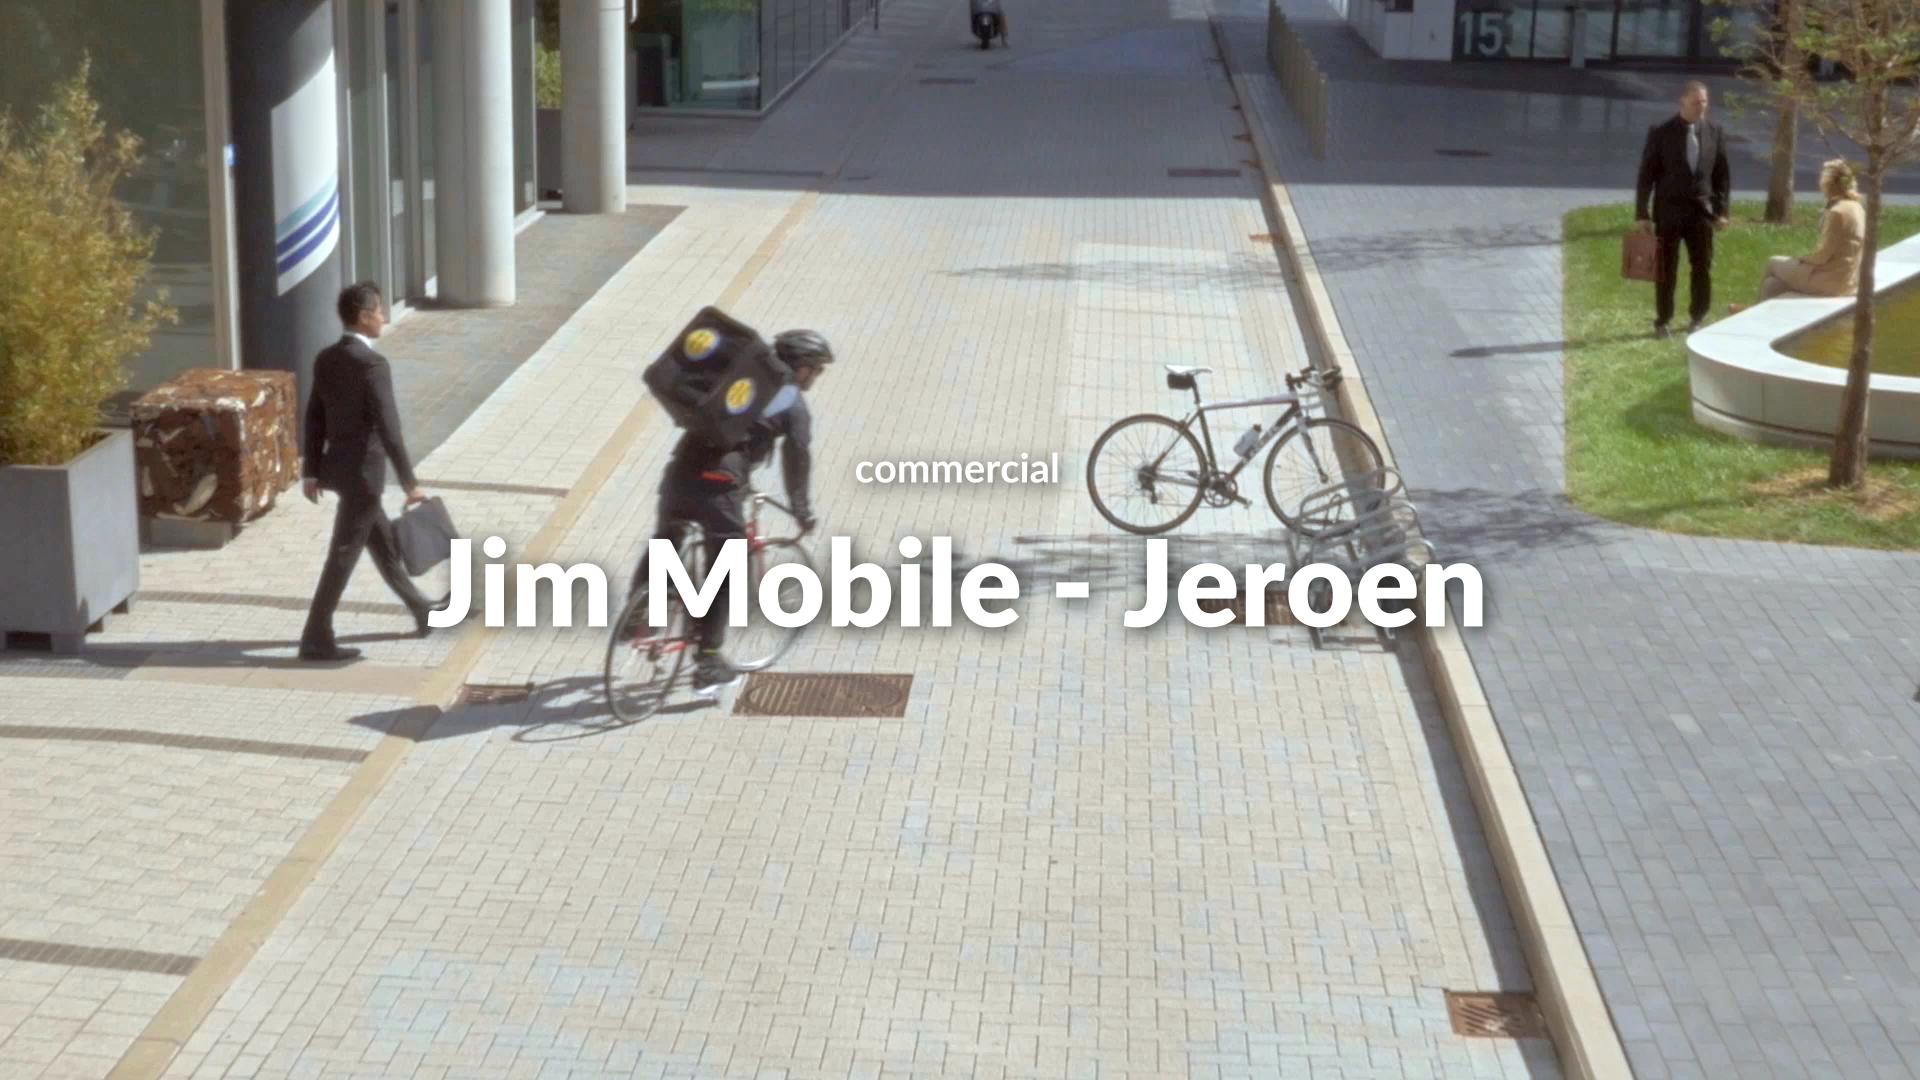 Jim Mobile - Jeroen_00000.png